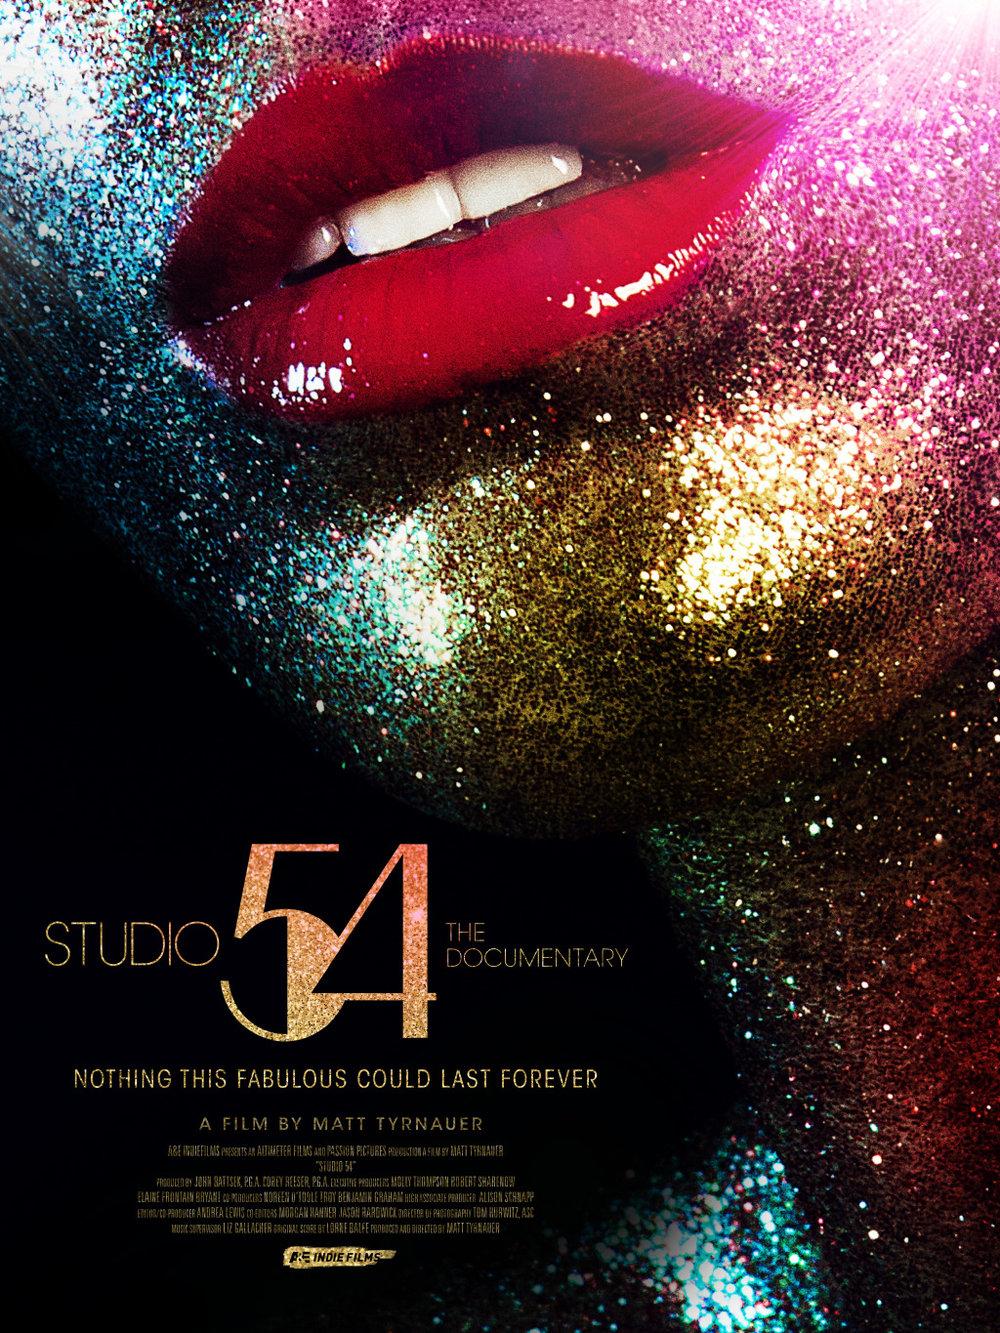 studio 54 poster.jpg